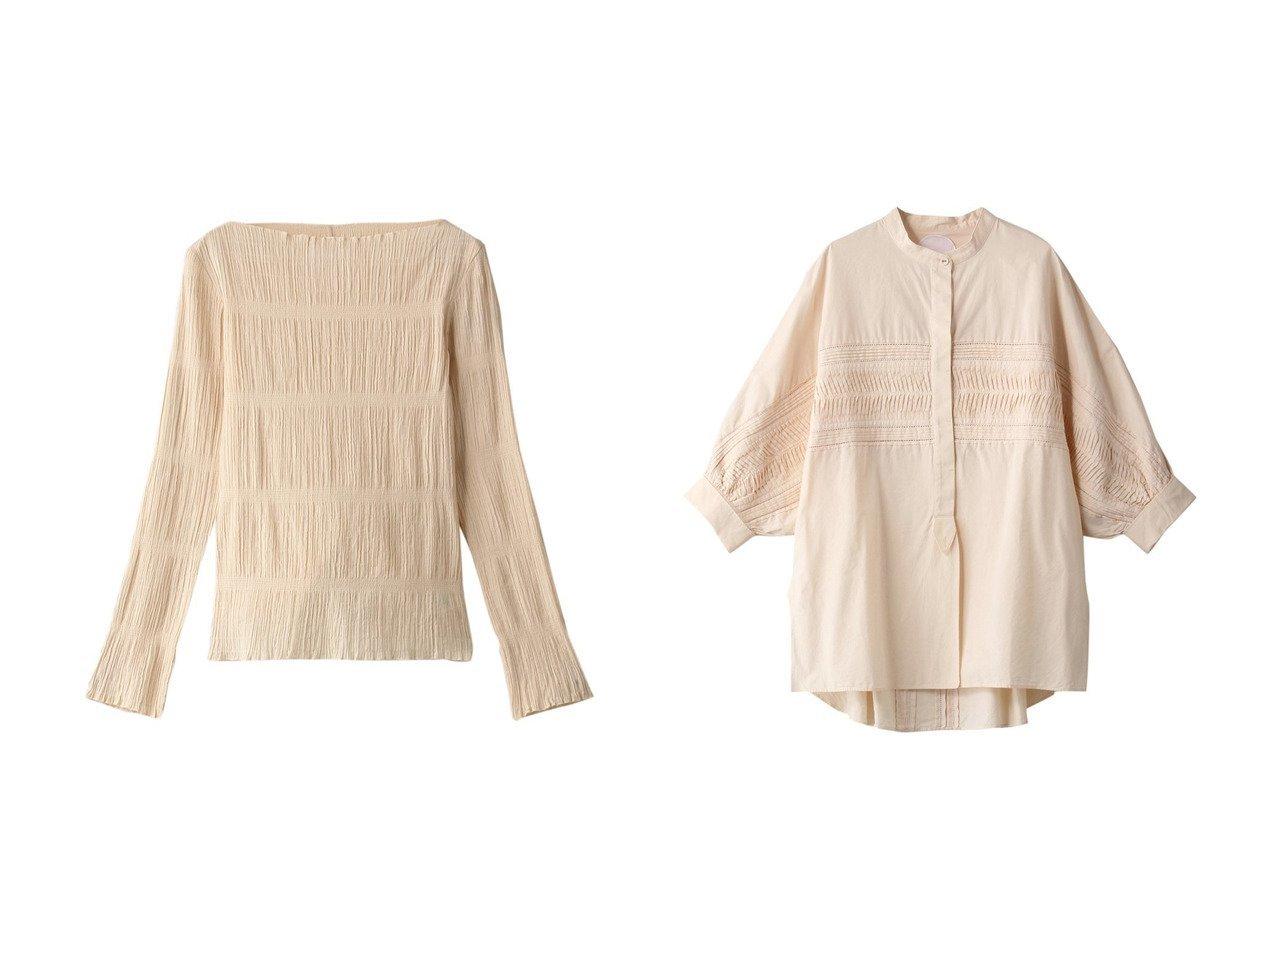 【Pheeta/フィータ】のTrinity スタンドカラーコットンブラウス&Vera ボートネッククレープブラウス トップス・カットソーのおすすめ!人気、トレンド・レディースファッションの通販 おすすめで人気の流行・トレンド、ファッションの通販商品 メンズファッション・キッズファッション・インテリア・家具・レディースファッション・服の通販 founy(ファニー) https://founy.com/ ファッション Fashion レディースファッション WOMEN トップス Tops Tshirt シャツ/ブラウス Shirts Blouses 2021年 2021 2021 春夏 S/S SS Spring/Summer 2021 S/S 春夏 SS Spring/Summer コンパクト スリーブ バランス フォルム ロング 春 Spring |ID:crp329100000013095